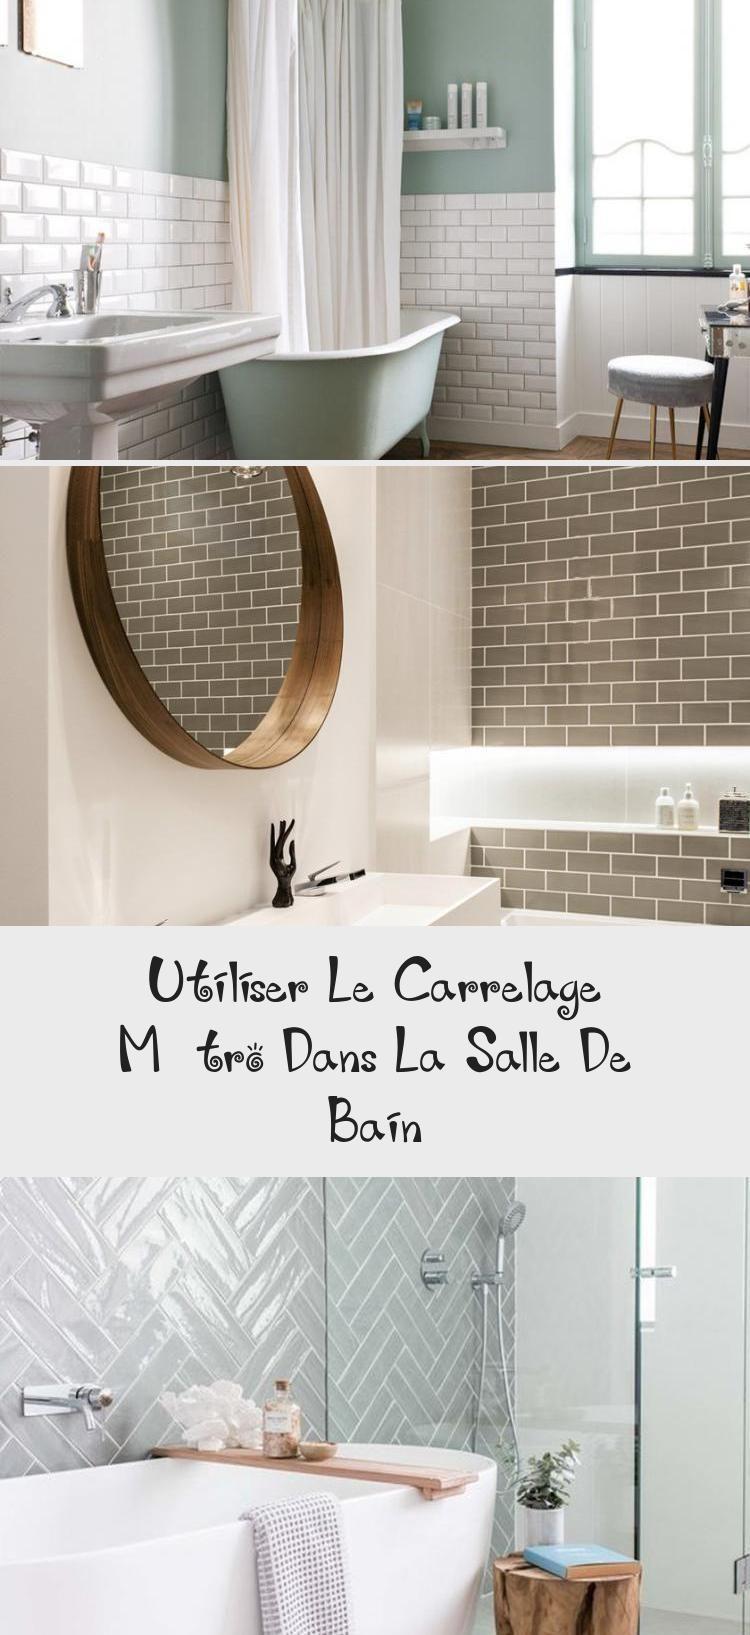 Salle De Bain Deco Carrelage Metro Gris Blanc Et Bois